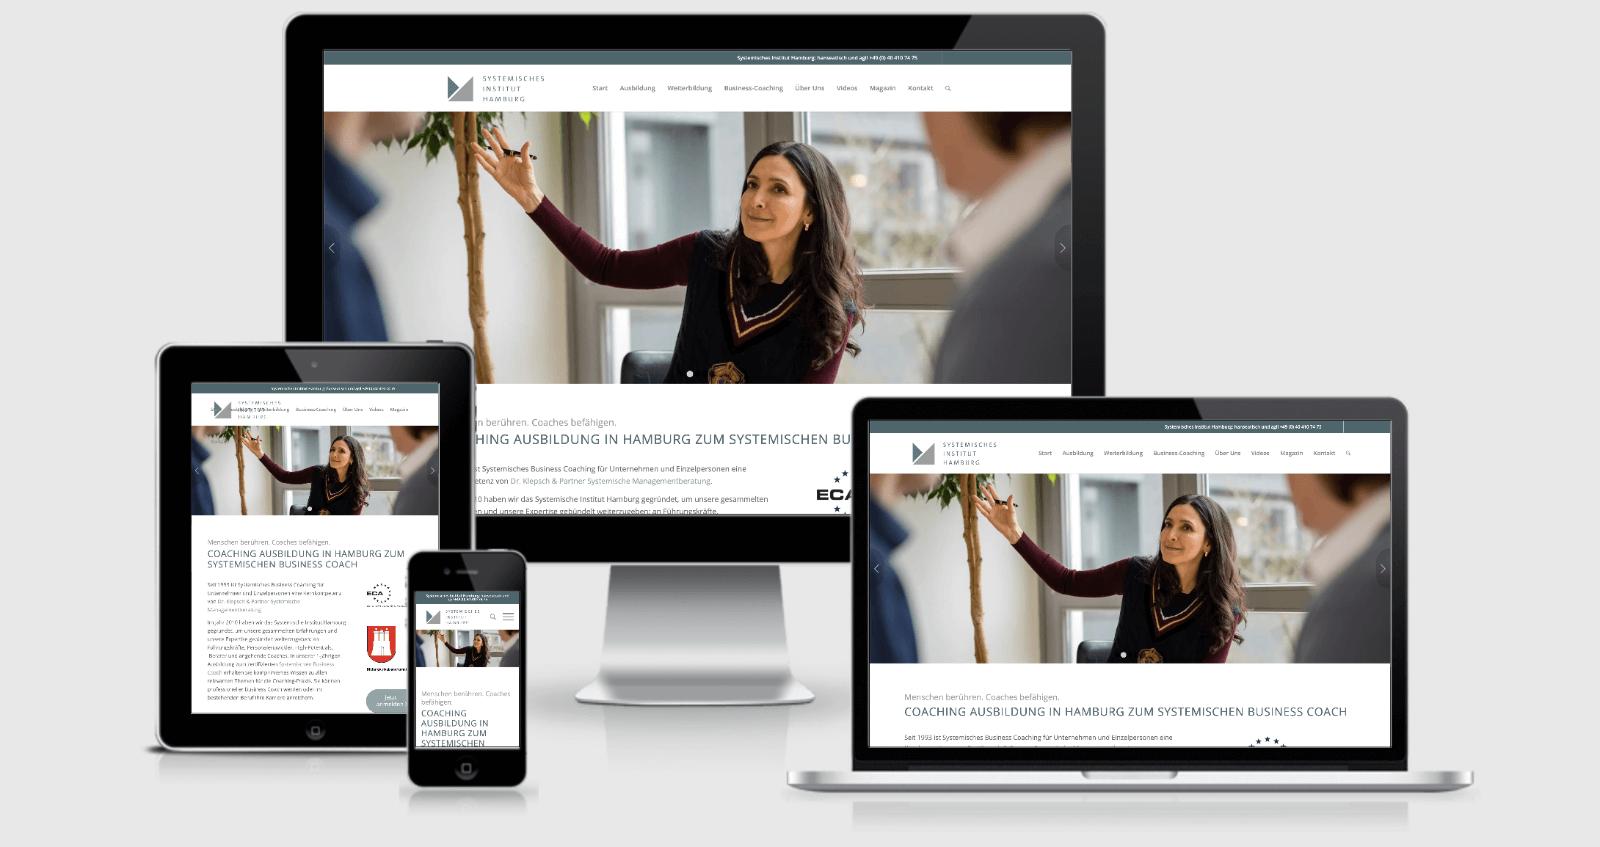 Die beste SEO Agentur finden bedeutet auch, eine Agentur zu finden, die sich auf responsives Webdesign versteht.